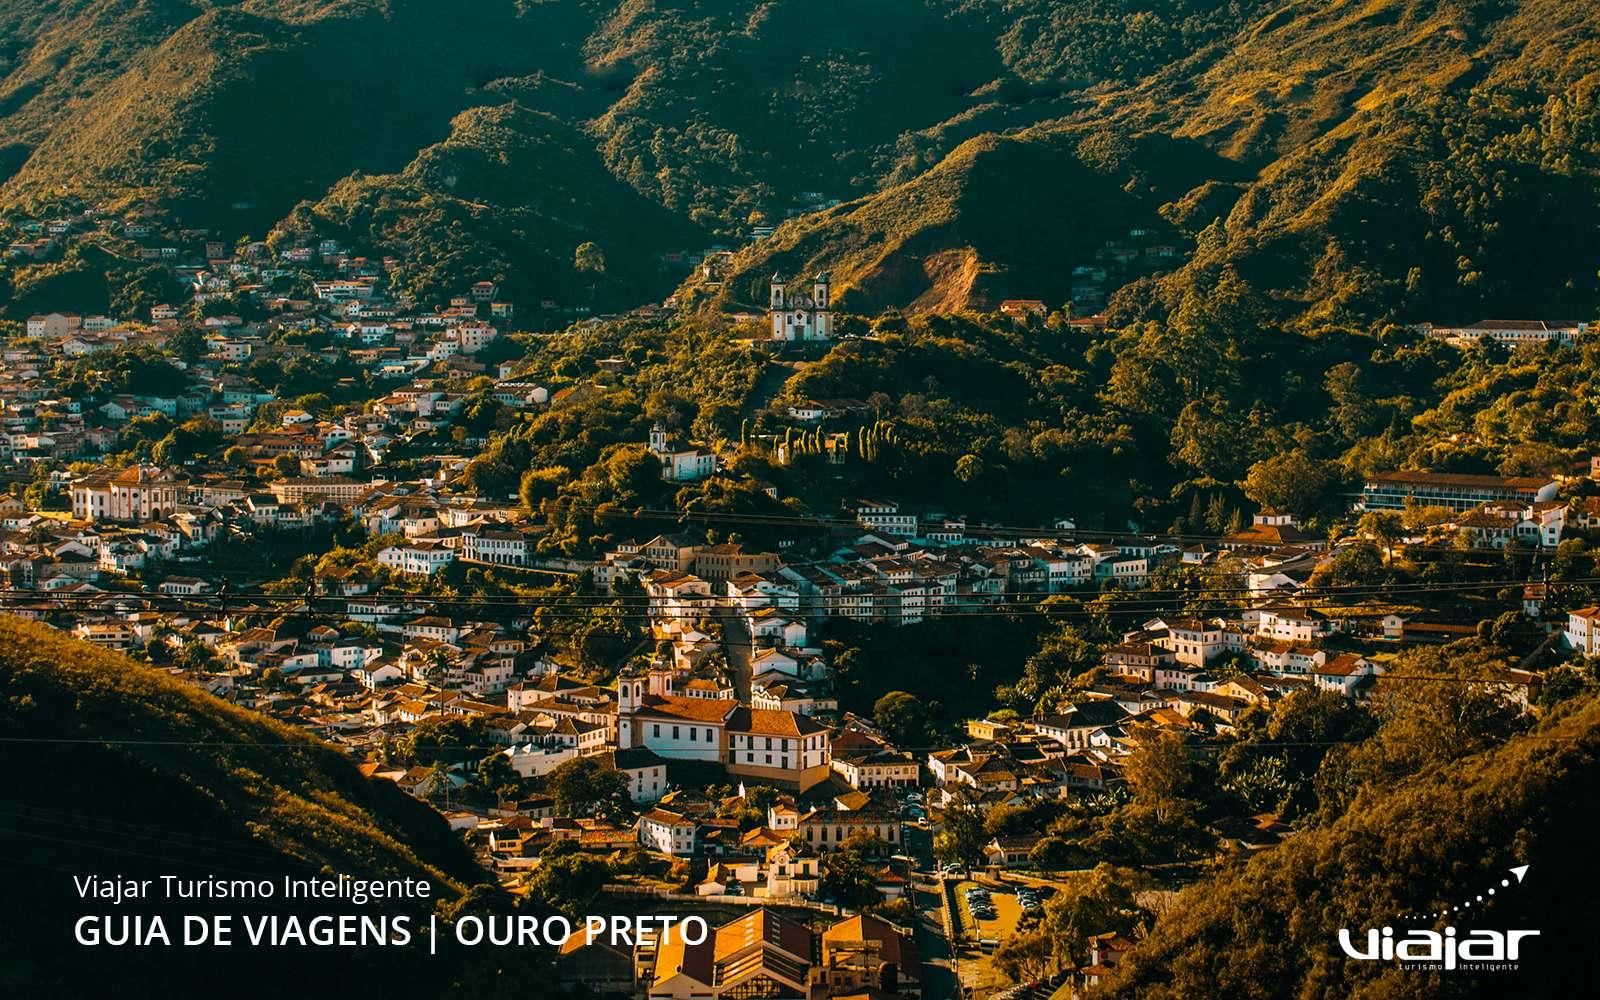 viajar-turismo-inteligente-belo-horizonte-conheca-ouro-preto-minas-gerais-03